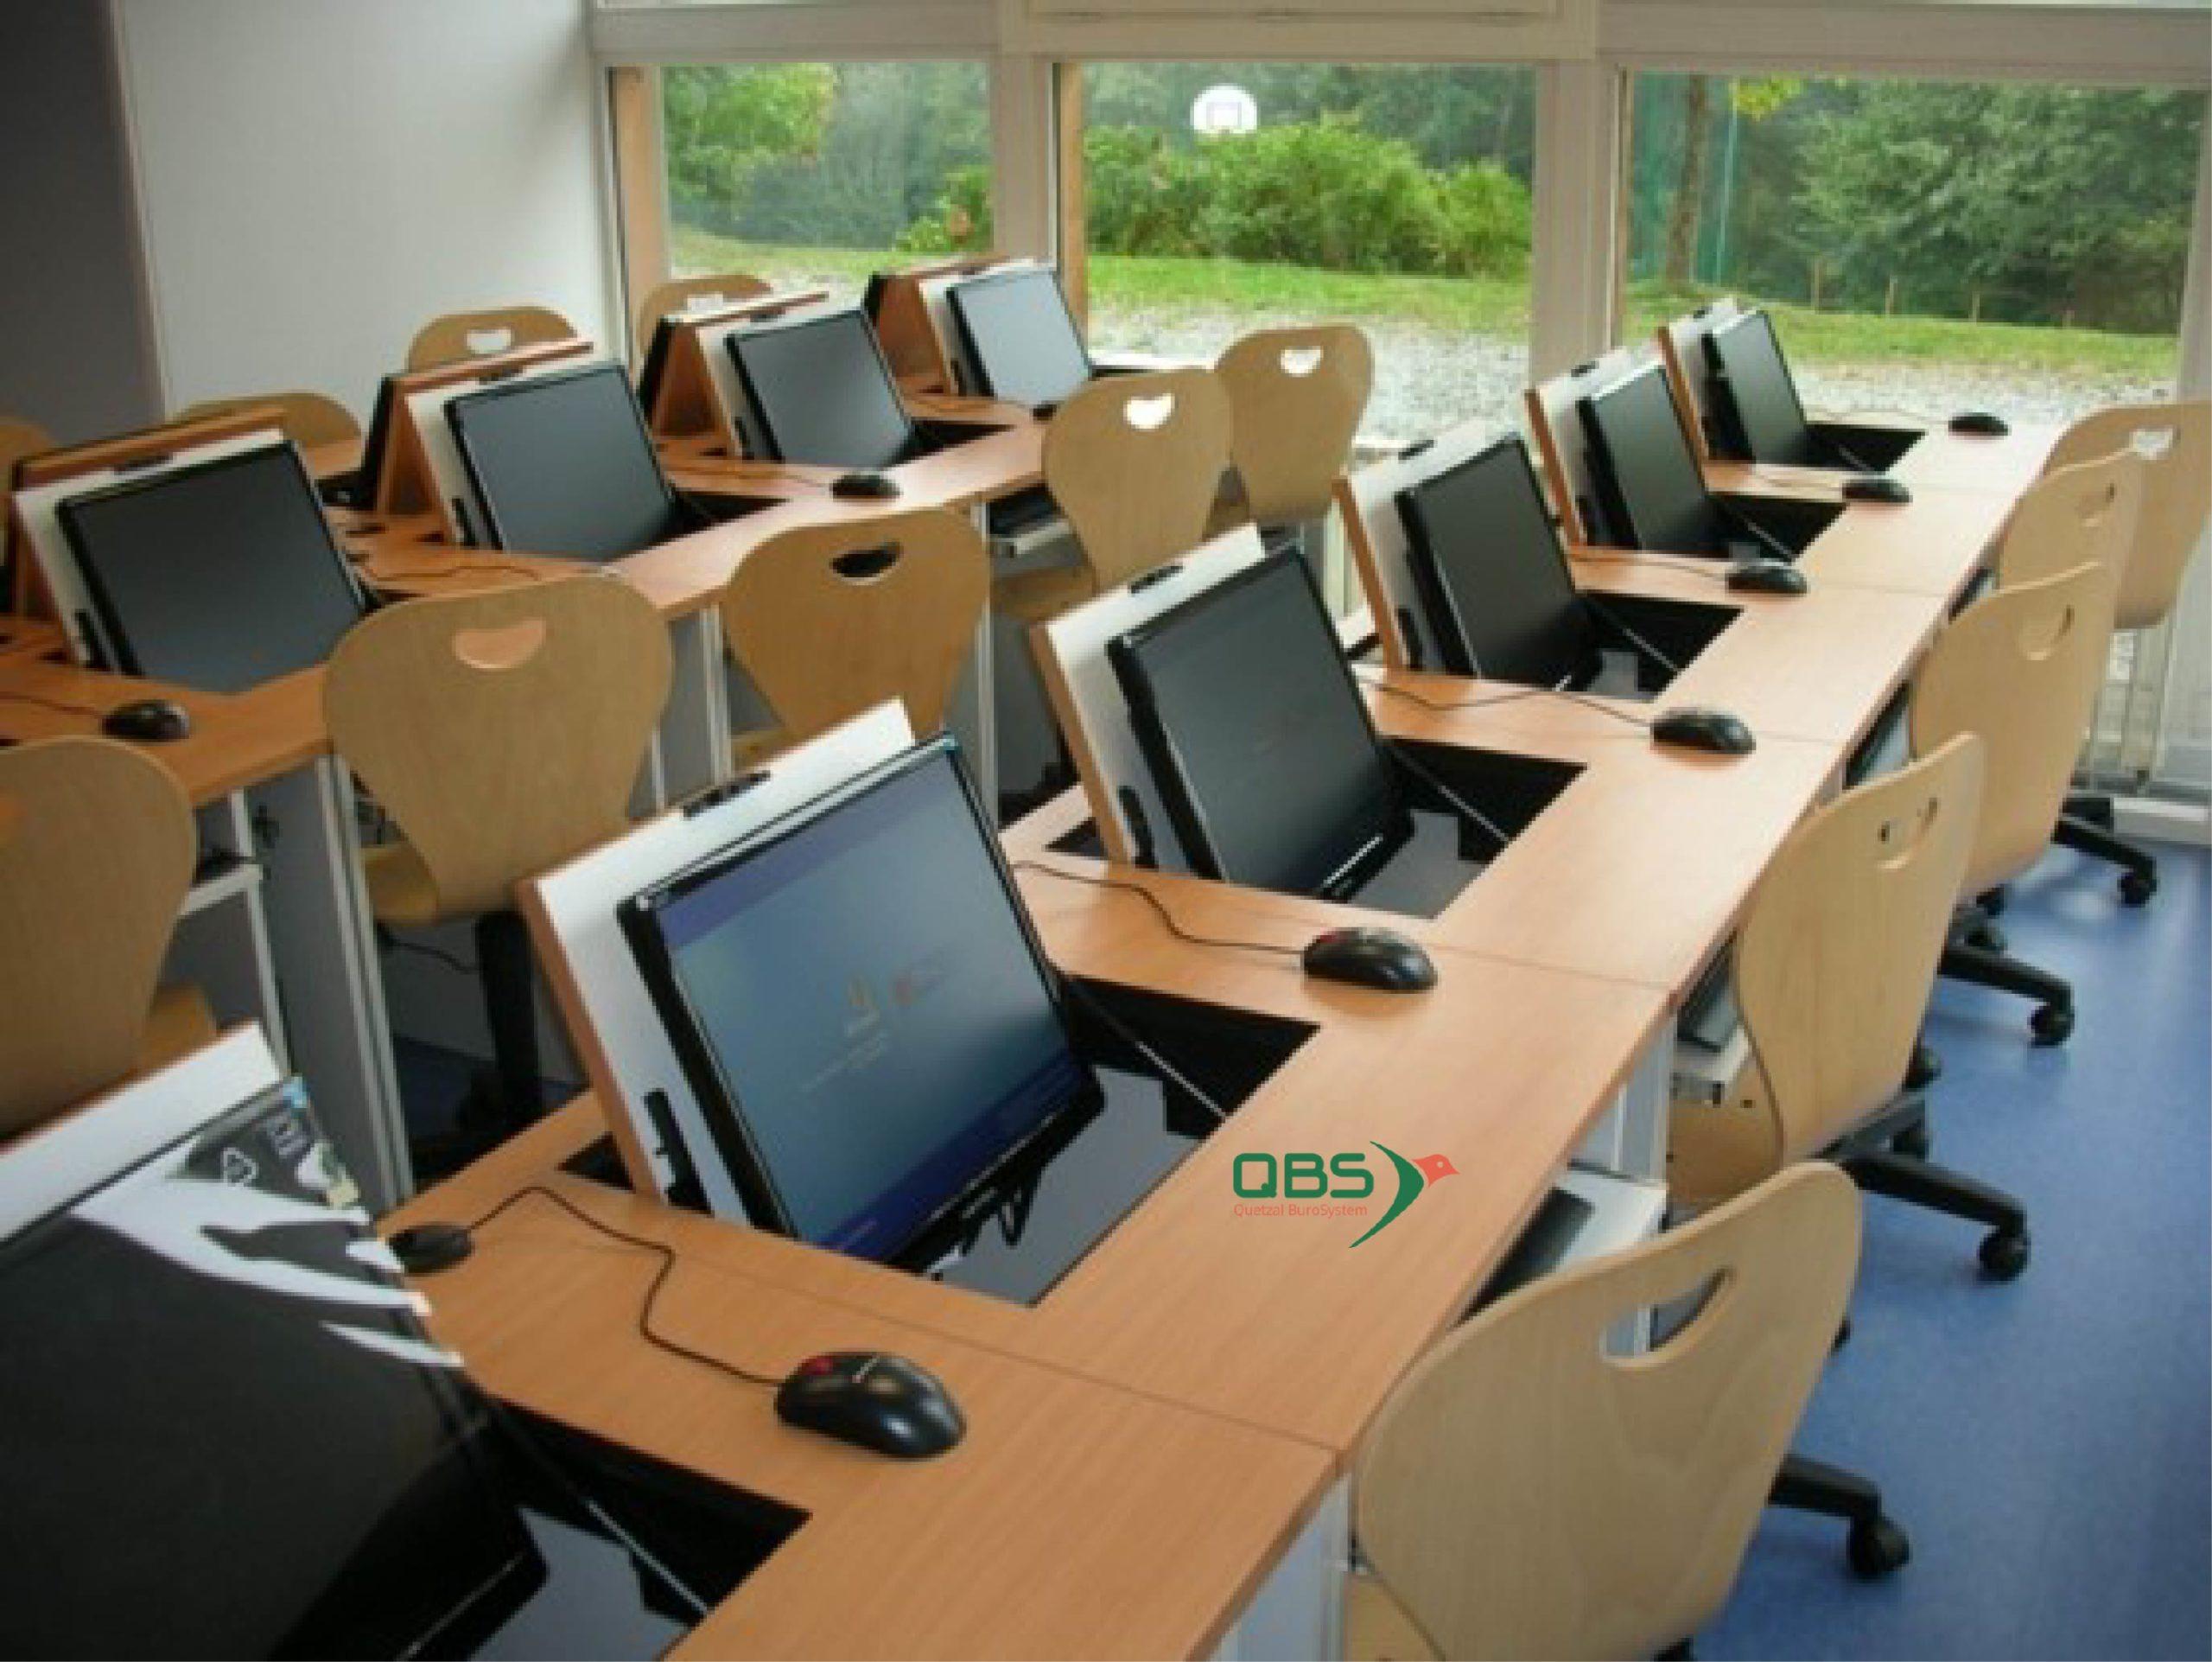 Écran escamotable mobilier spécialisé informatique formation QBS